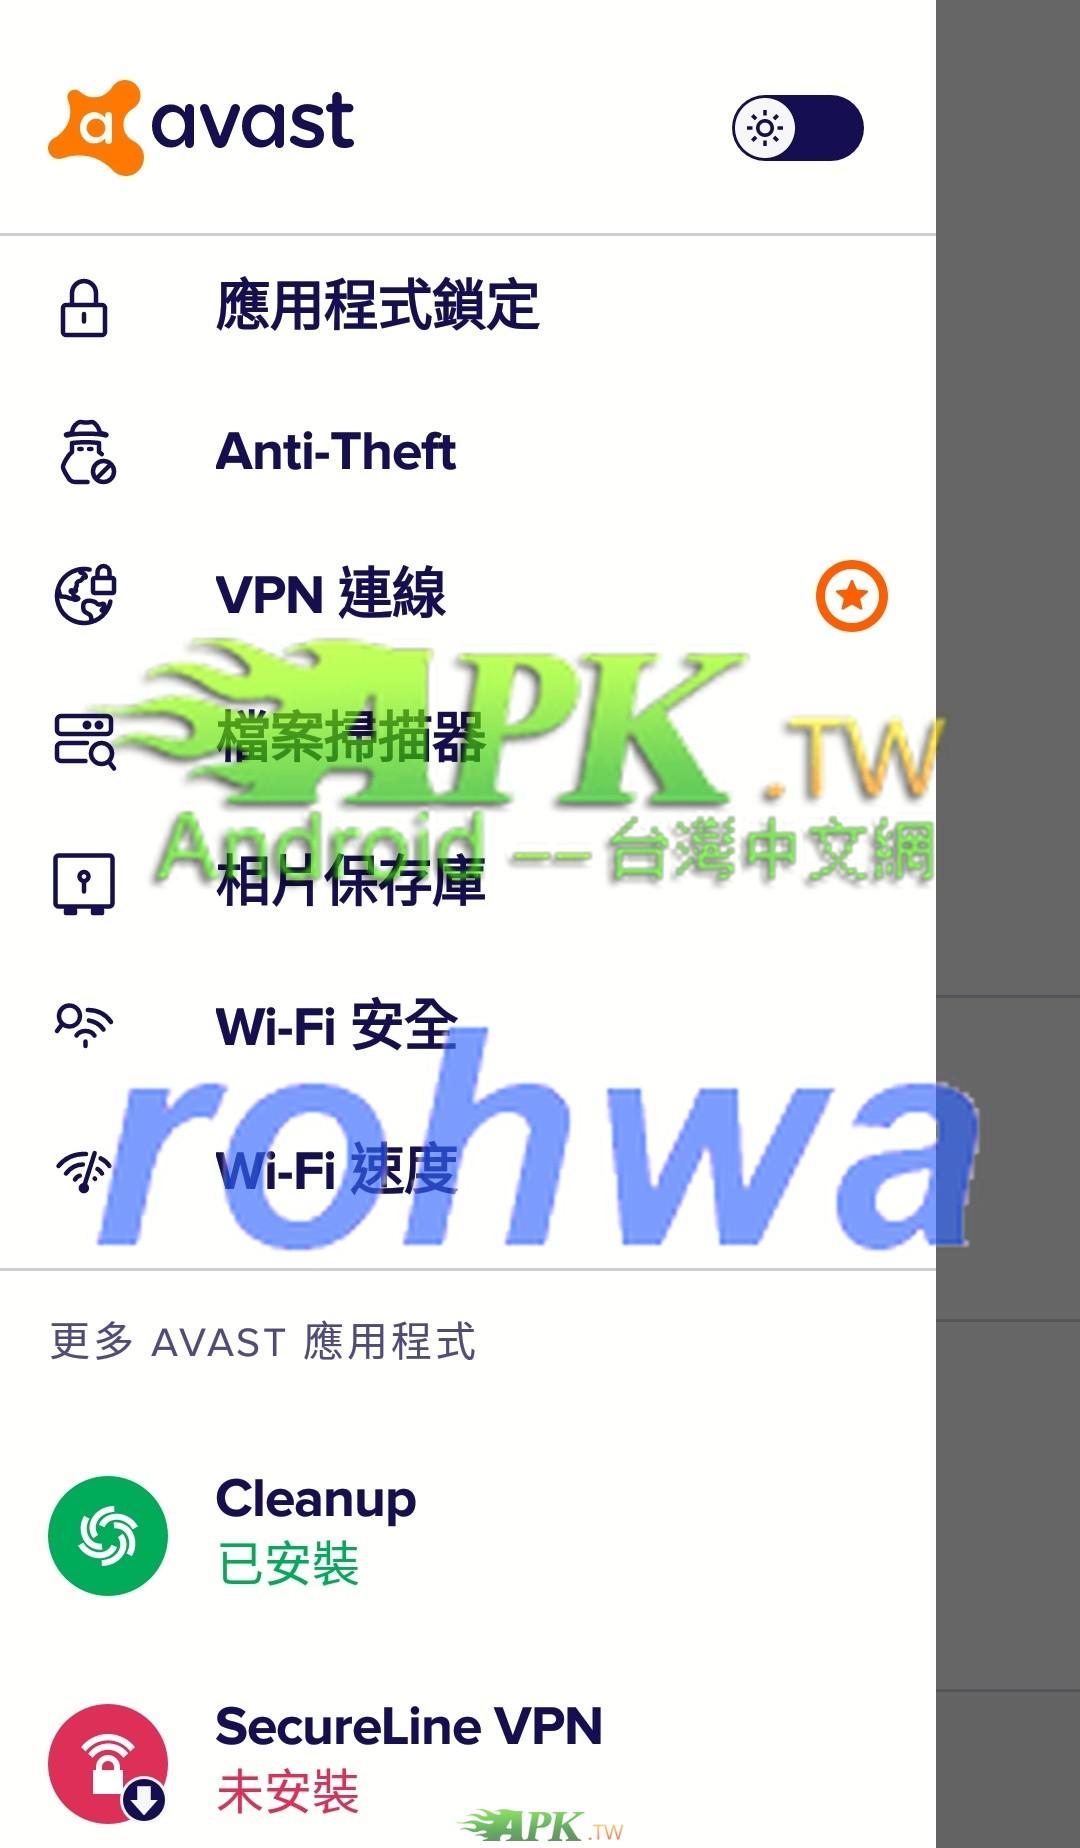 Avast__1_.jpg